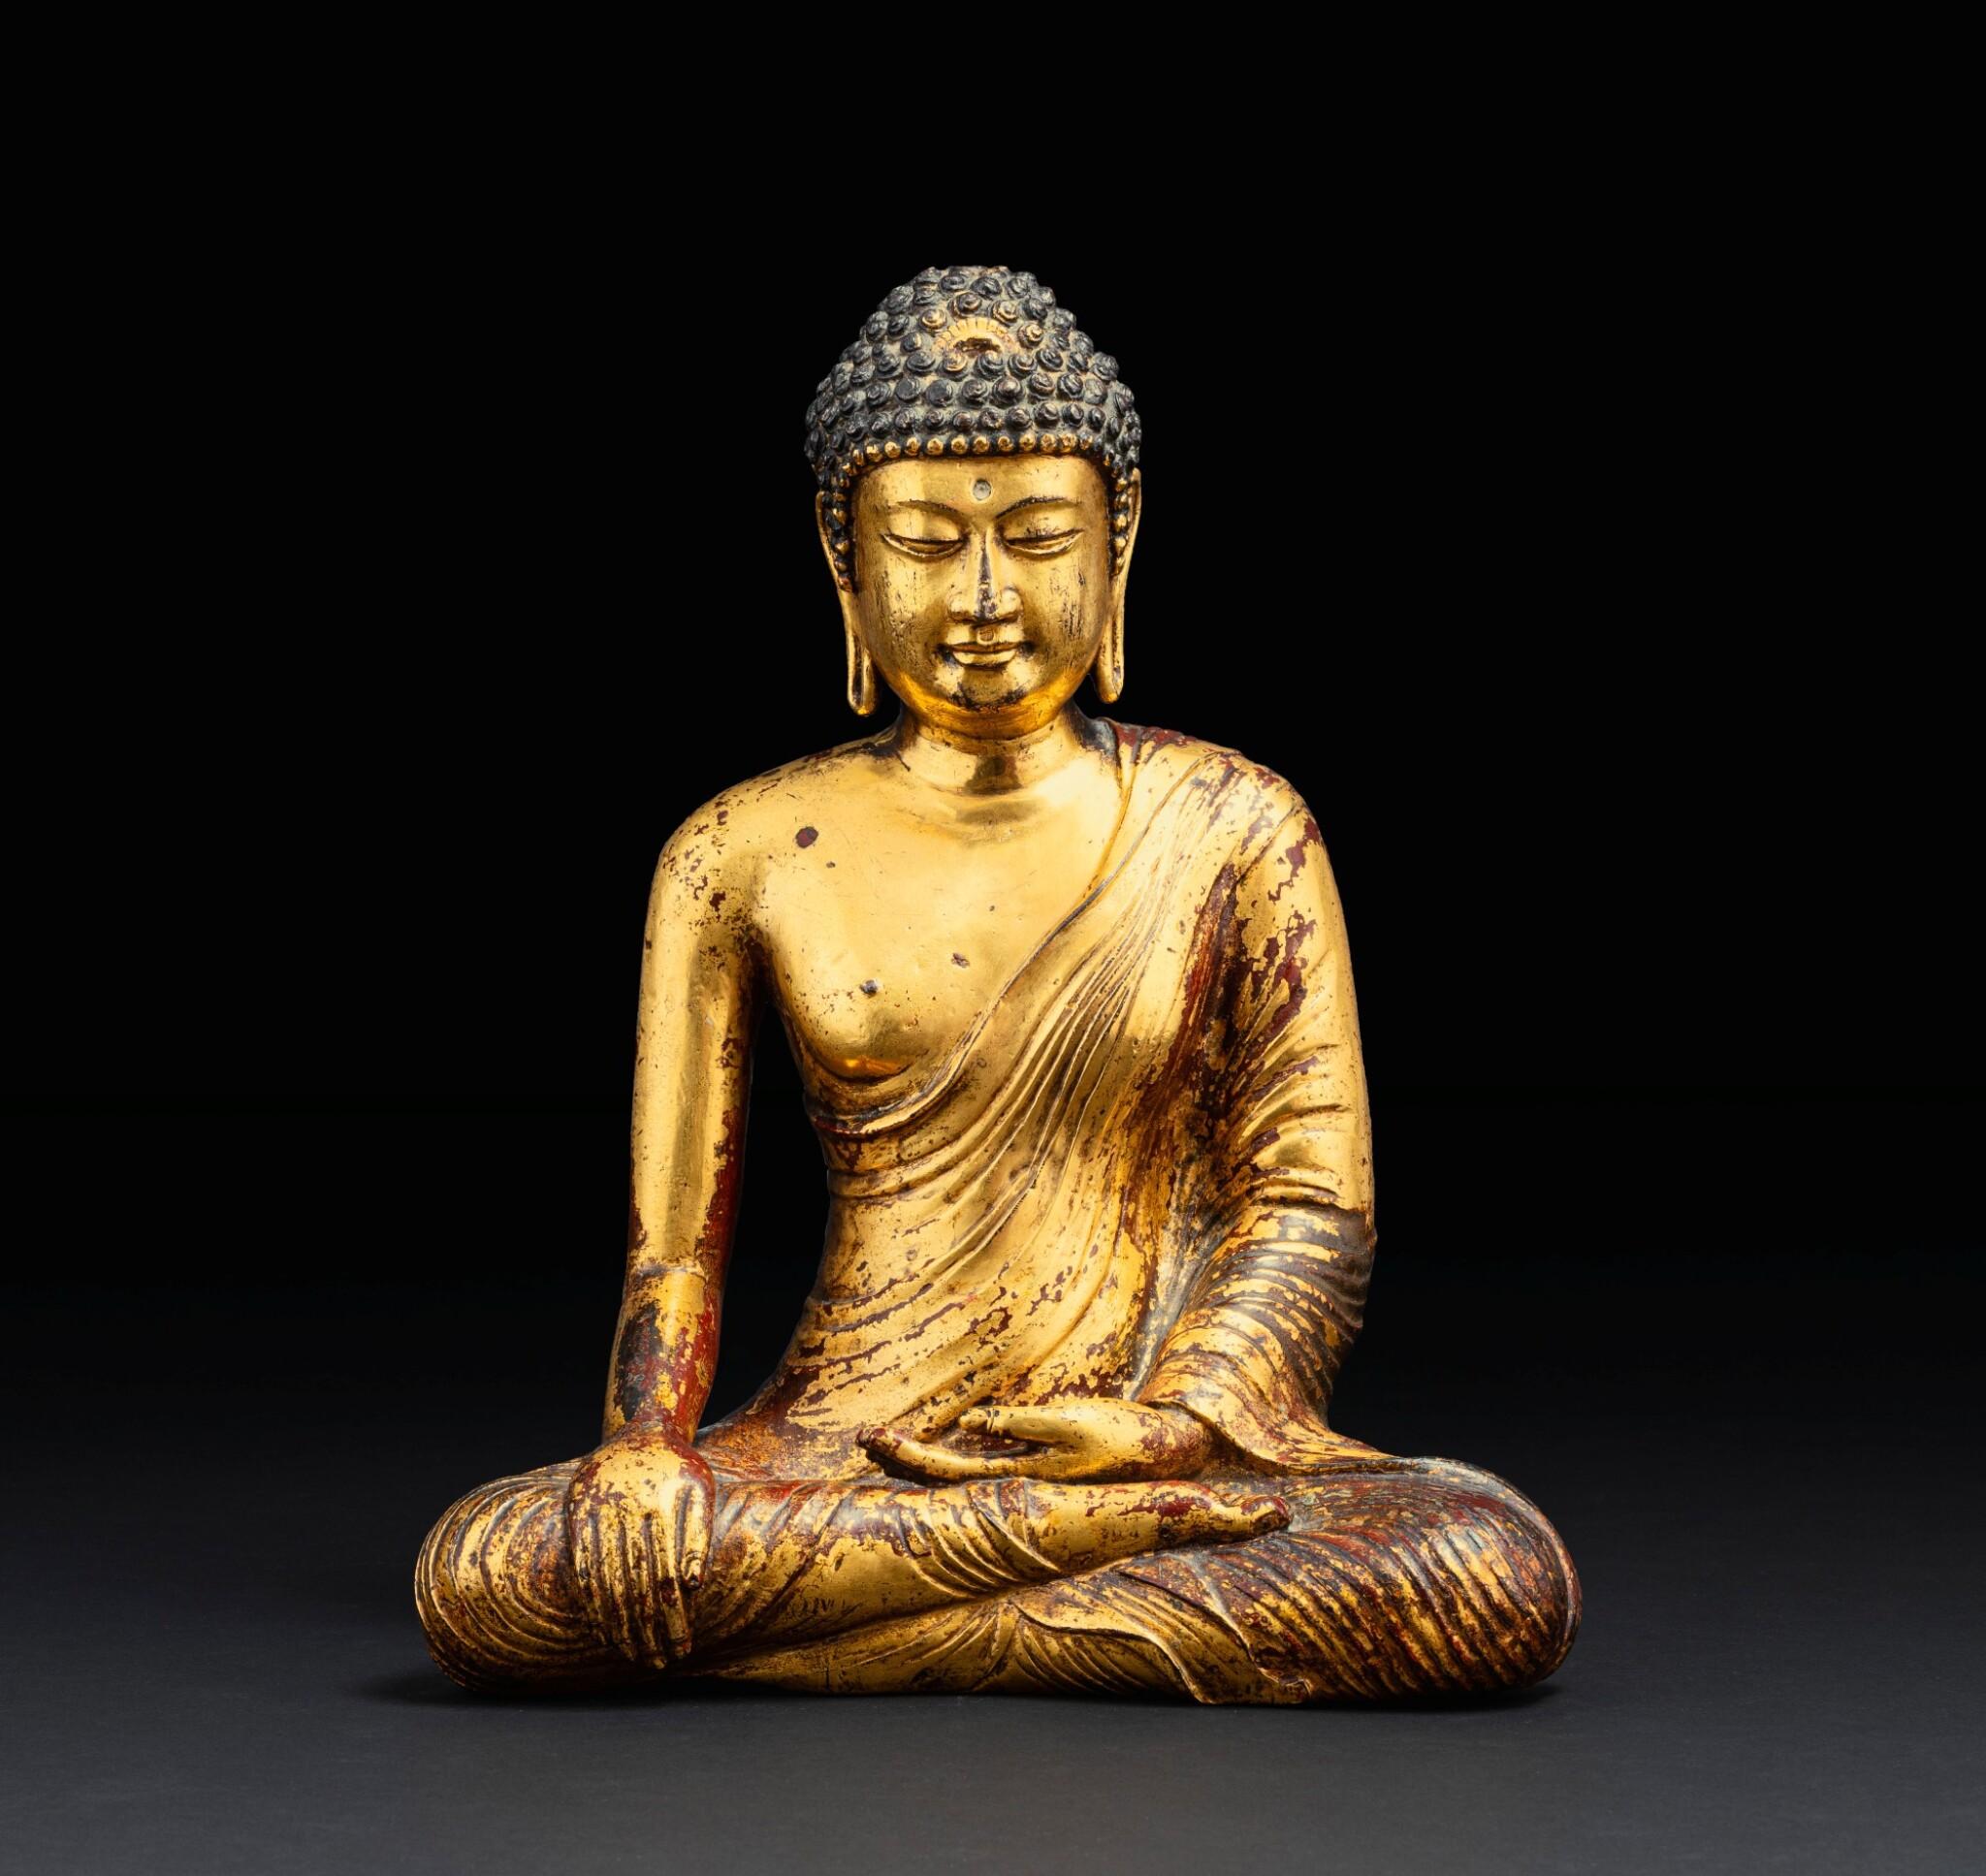 View 1 of Lot 28. Exceptionnelle statue du Bouddha Maravijaya en alliage de cuivre doré Royaume de Dali (937-1253), Province de Yunnan, XIIE siècle | 大理國 十二世紀 鎏金銅合金釋迦牟尼佛坐像 | An exceptional gilt-copper alloy figure of Buddha Maravijaya, Dali Kingdom (937-1253), Yunnan Province, 12th century .